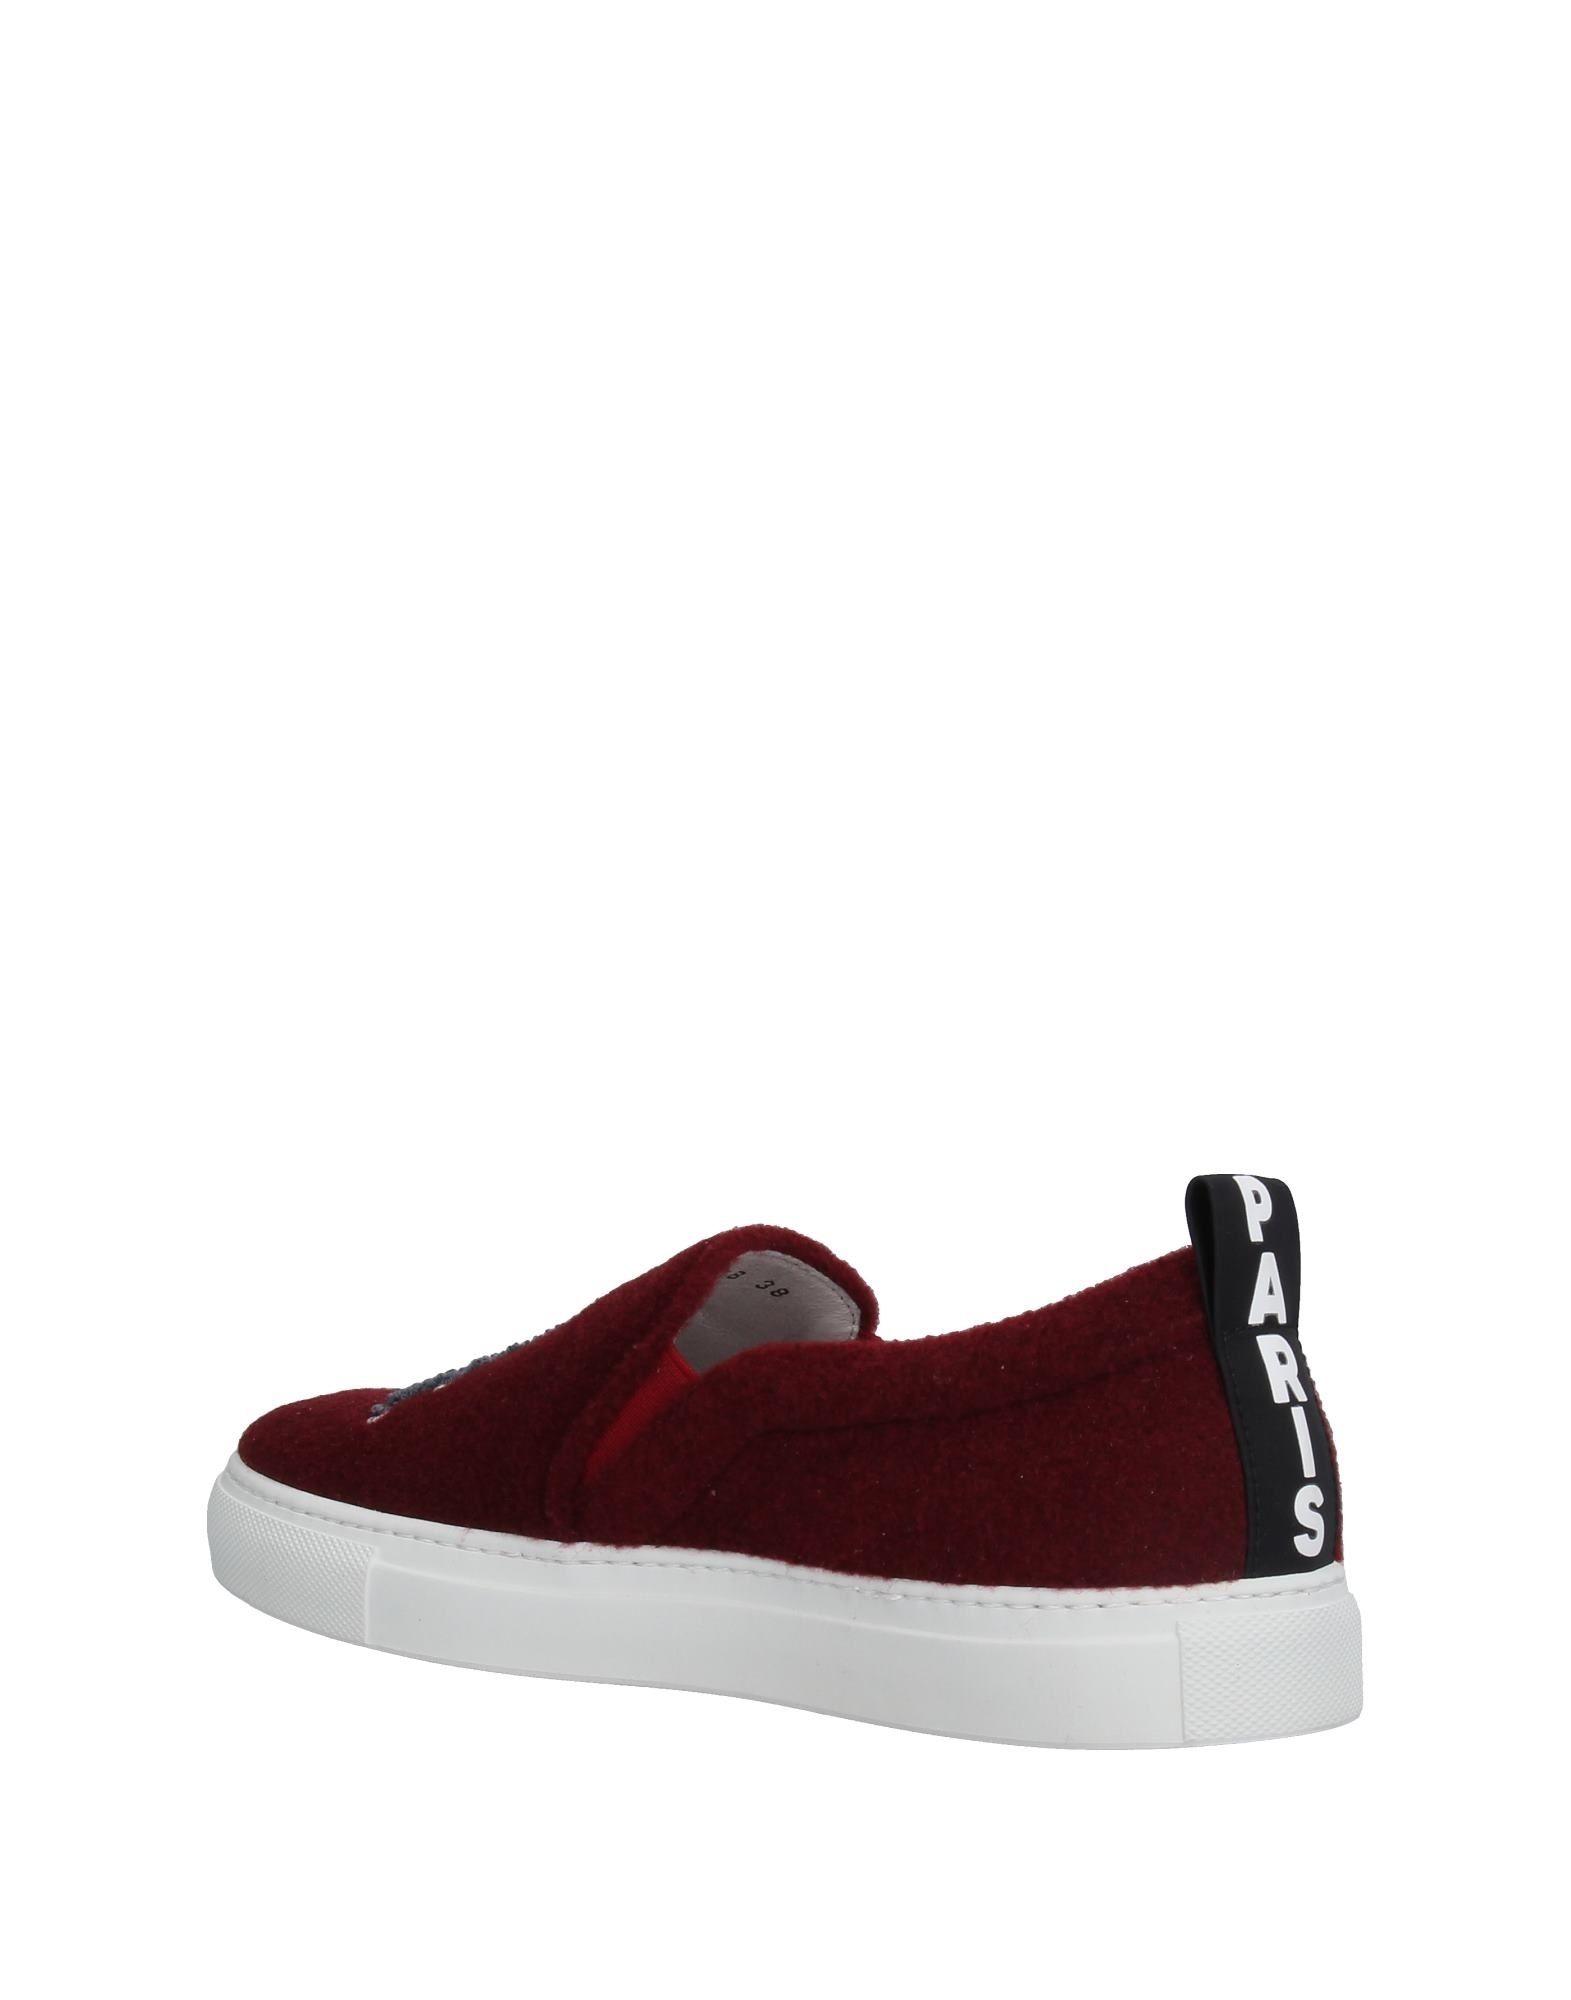 Damen Joshua*S Sneakers Damen   11236308QJ Heiße Schuhe b7eba7